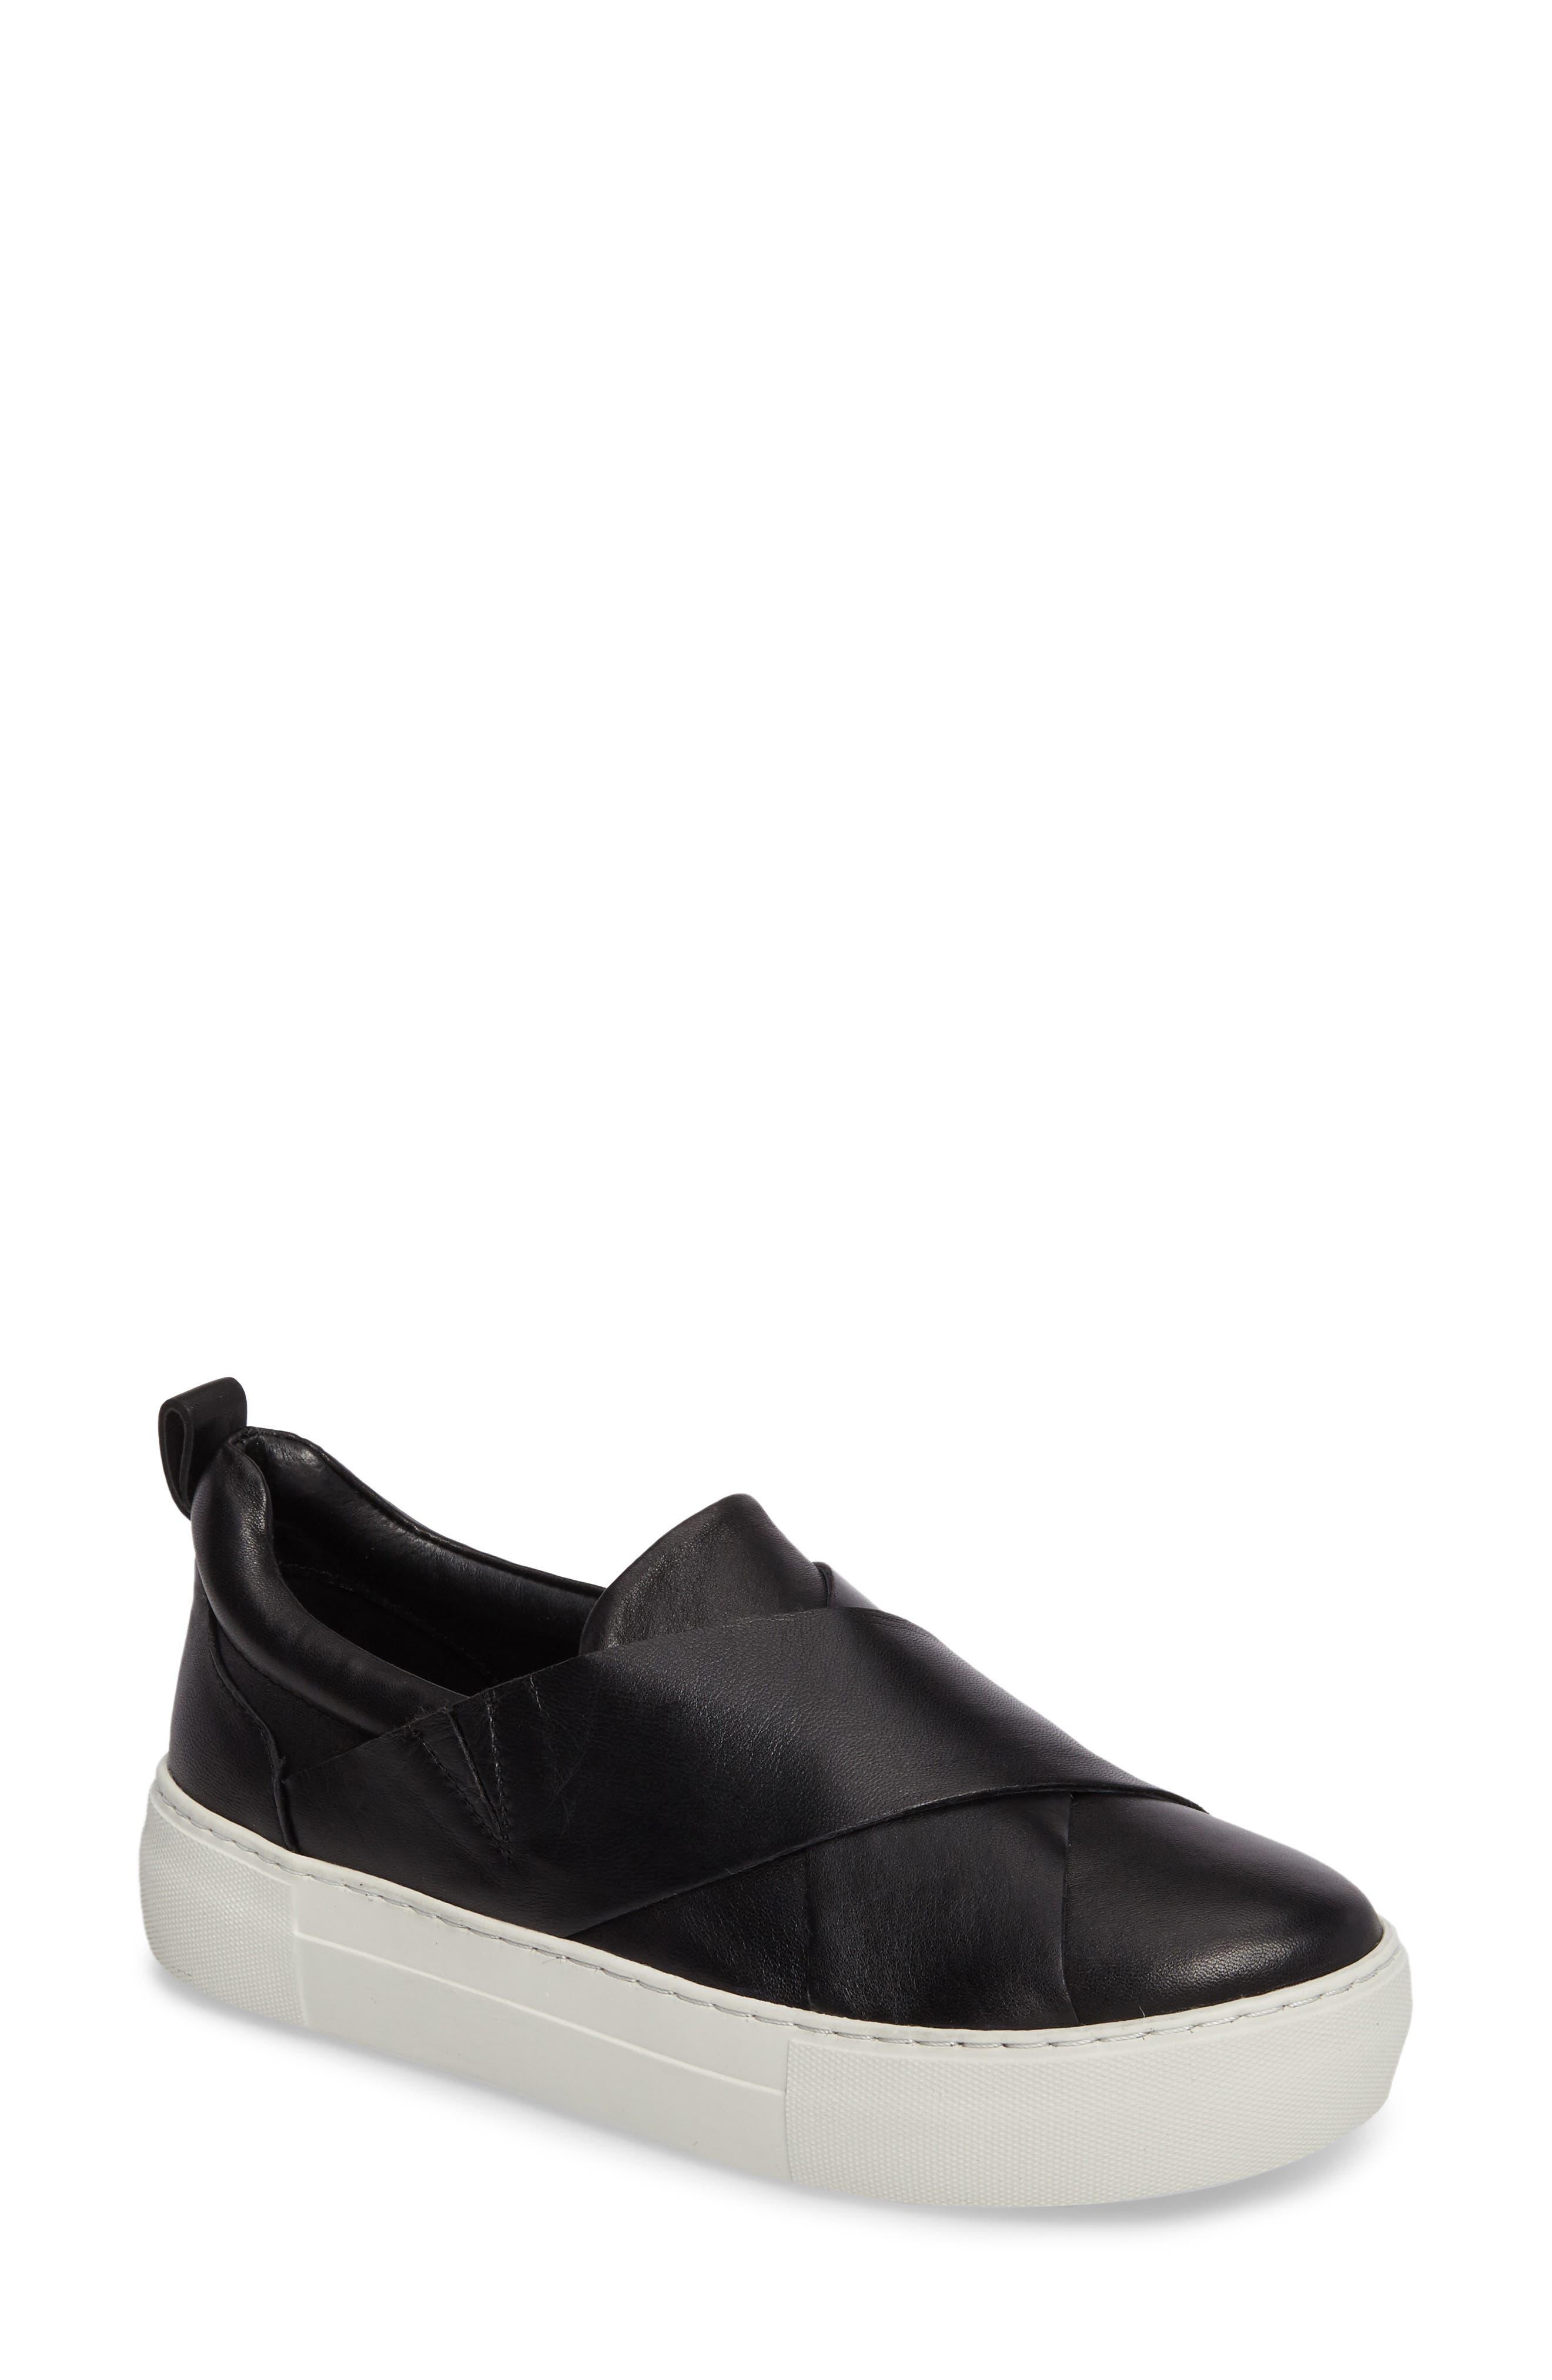 Alec Slip-On Sneaker,                         Main,                         color, 015